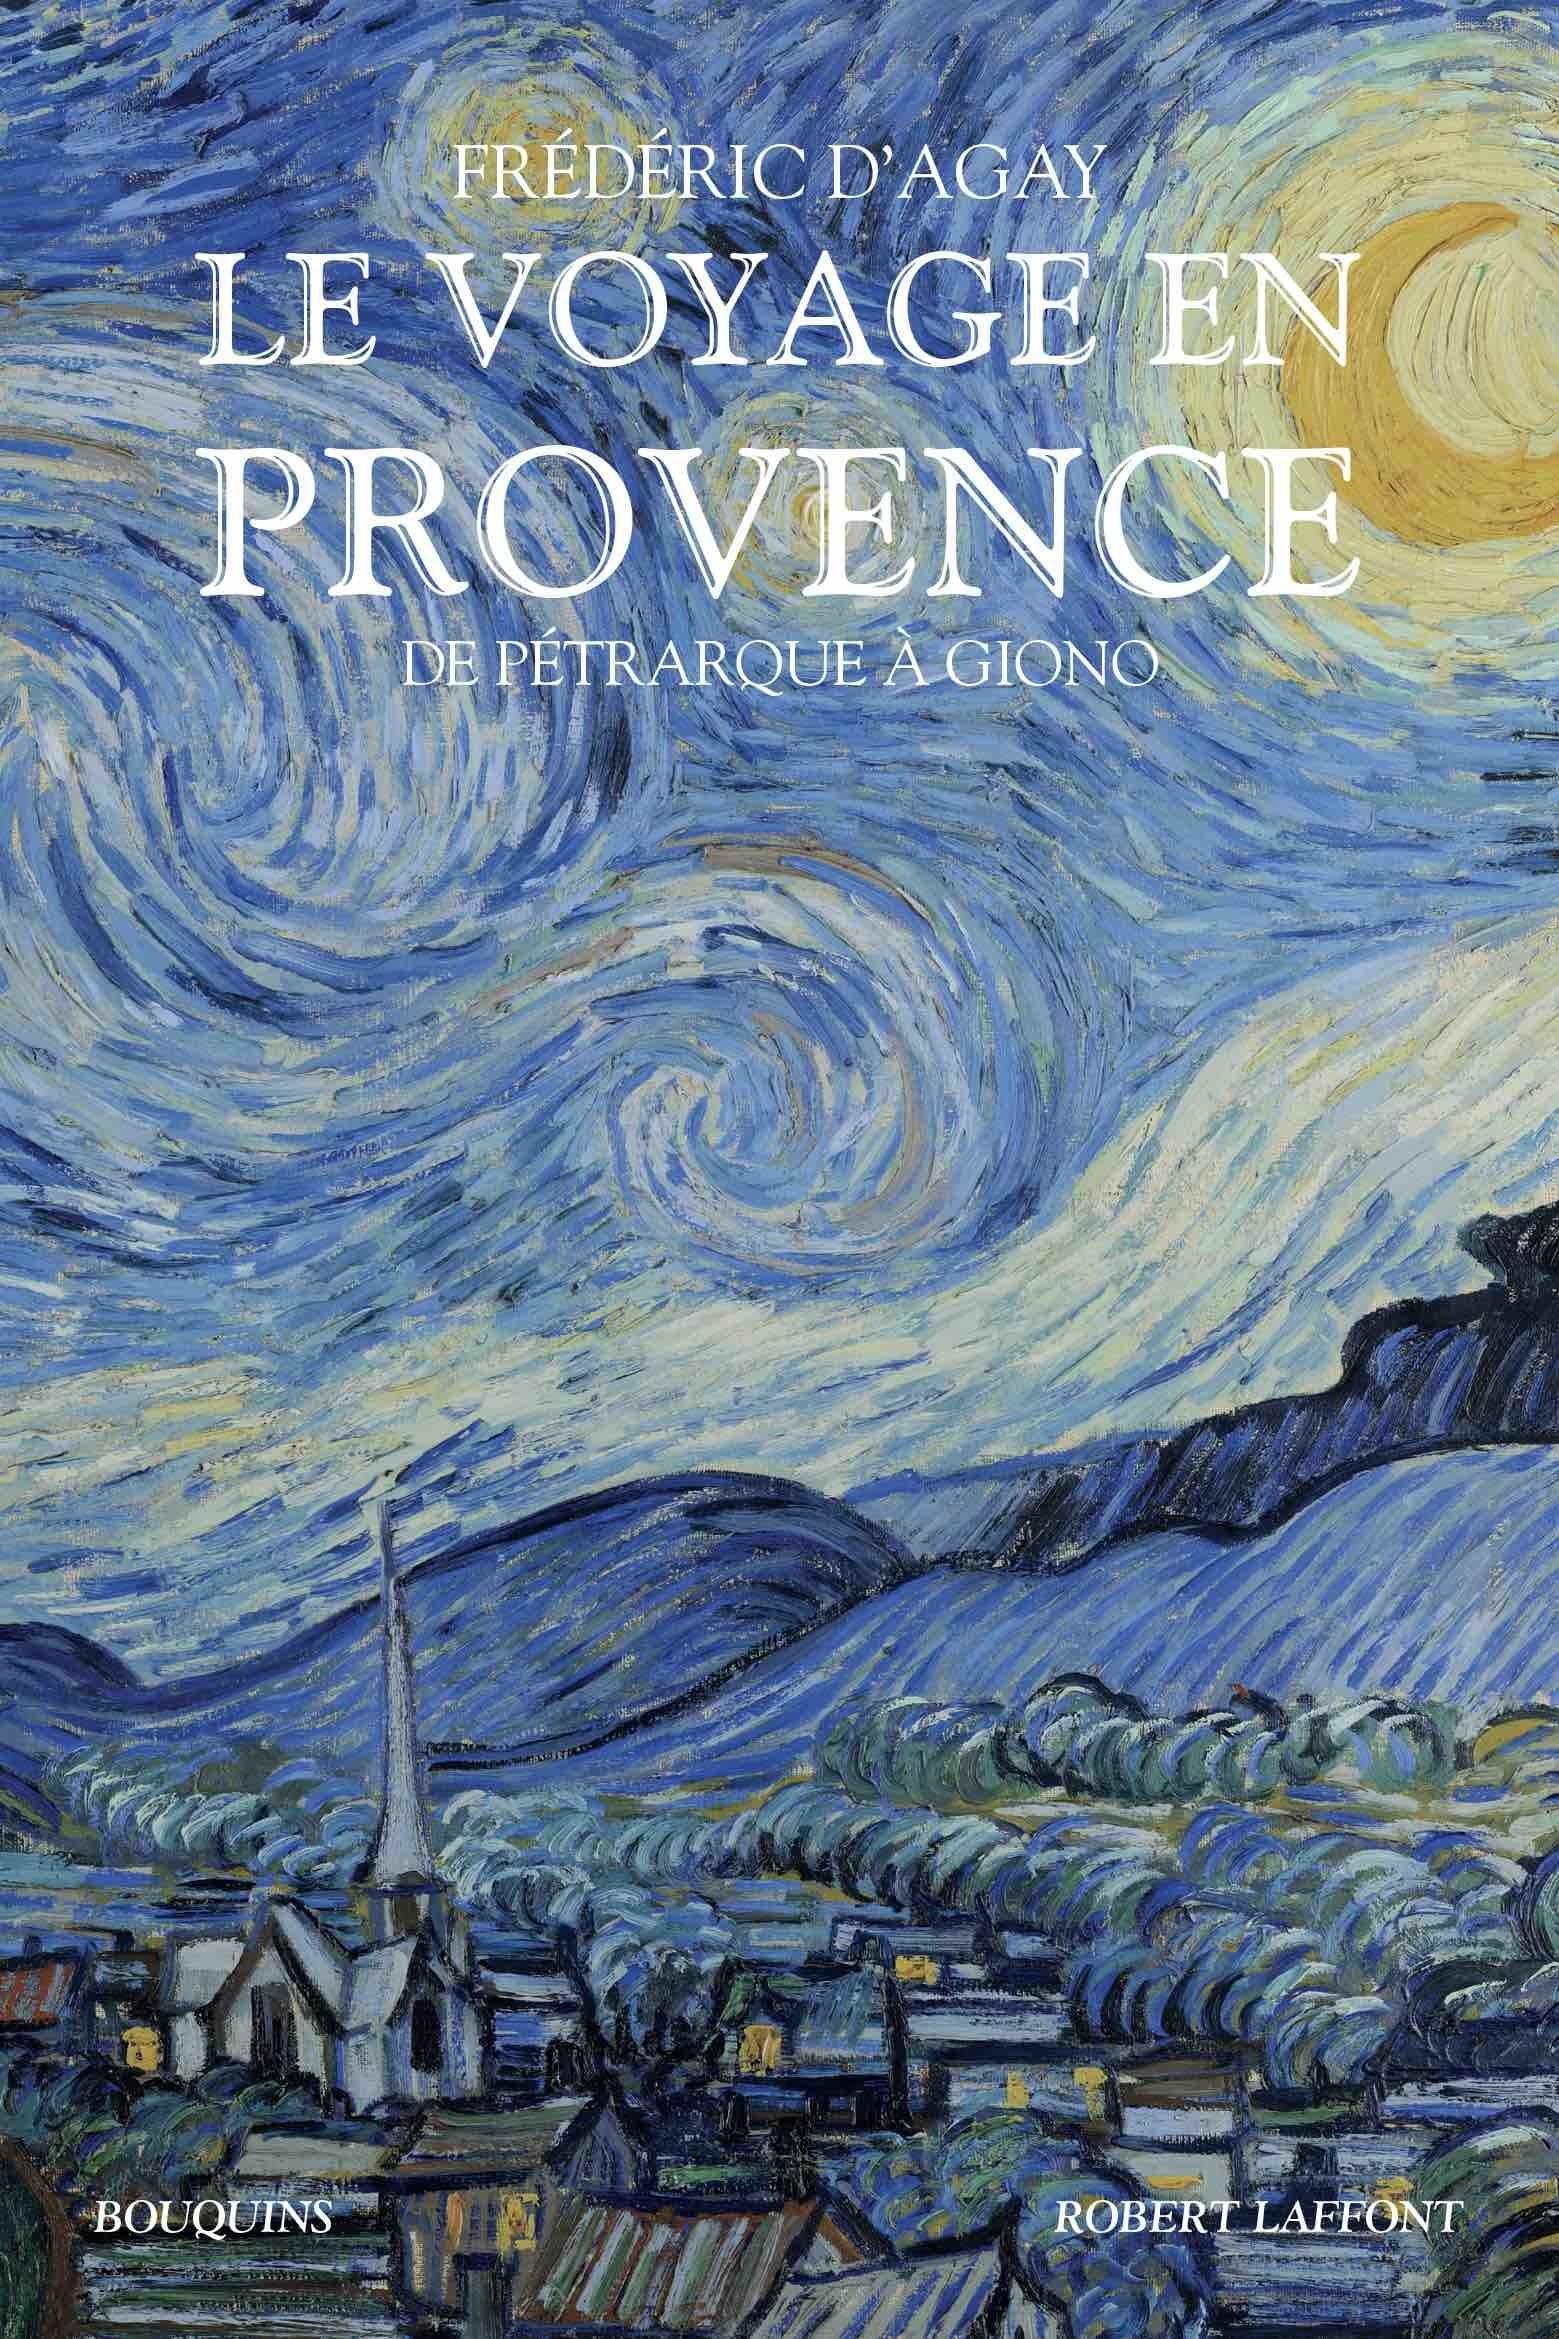 Frédéric d'Agay raconte la vision de la Provence et des Provençaux à travers des récits de voyageurs.